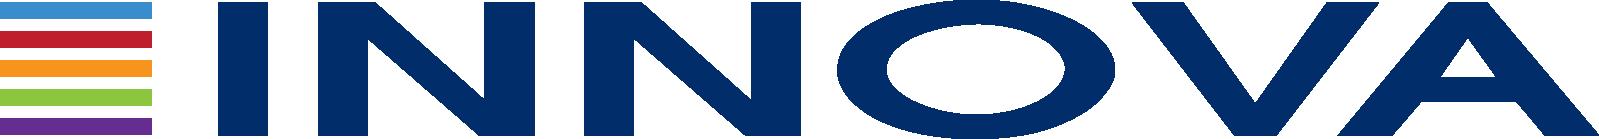 innova_logo